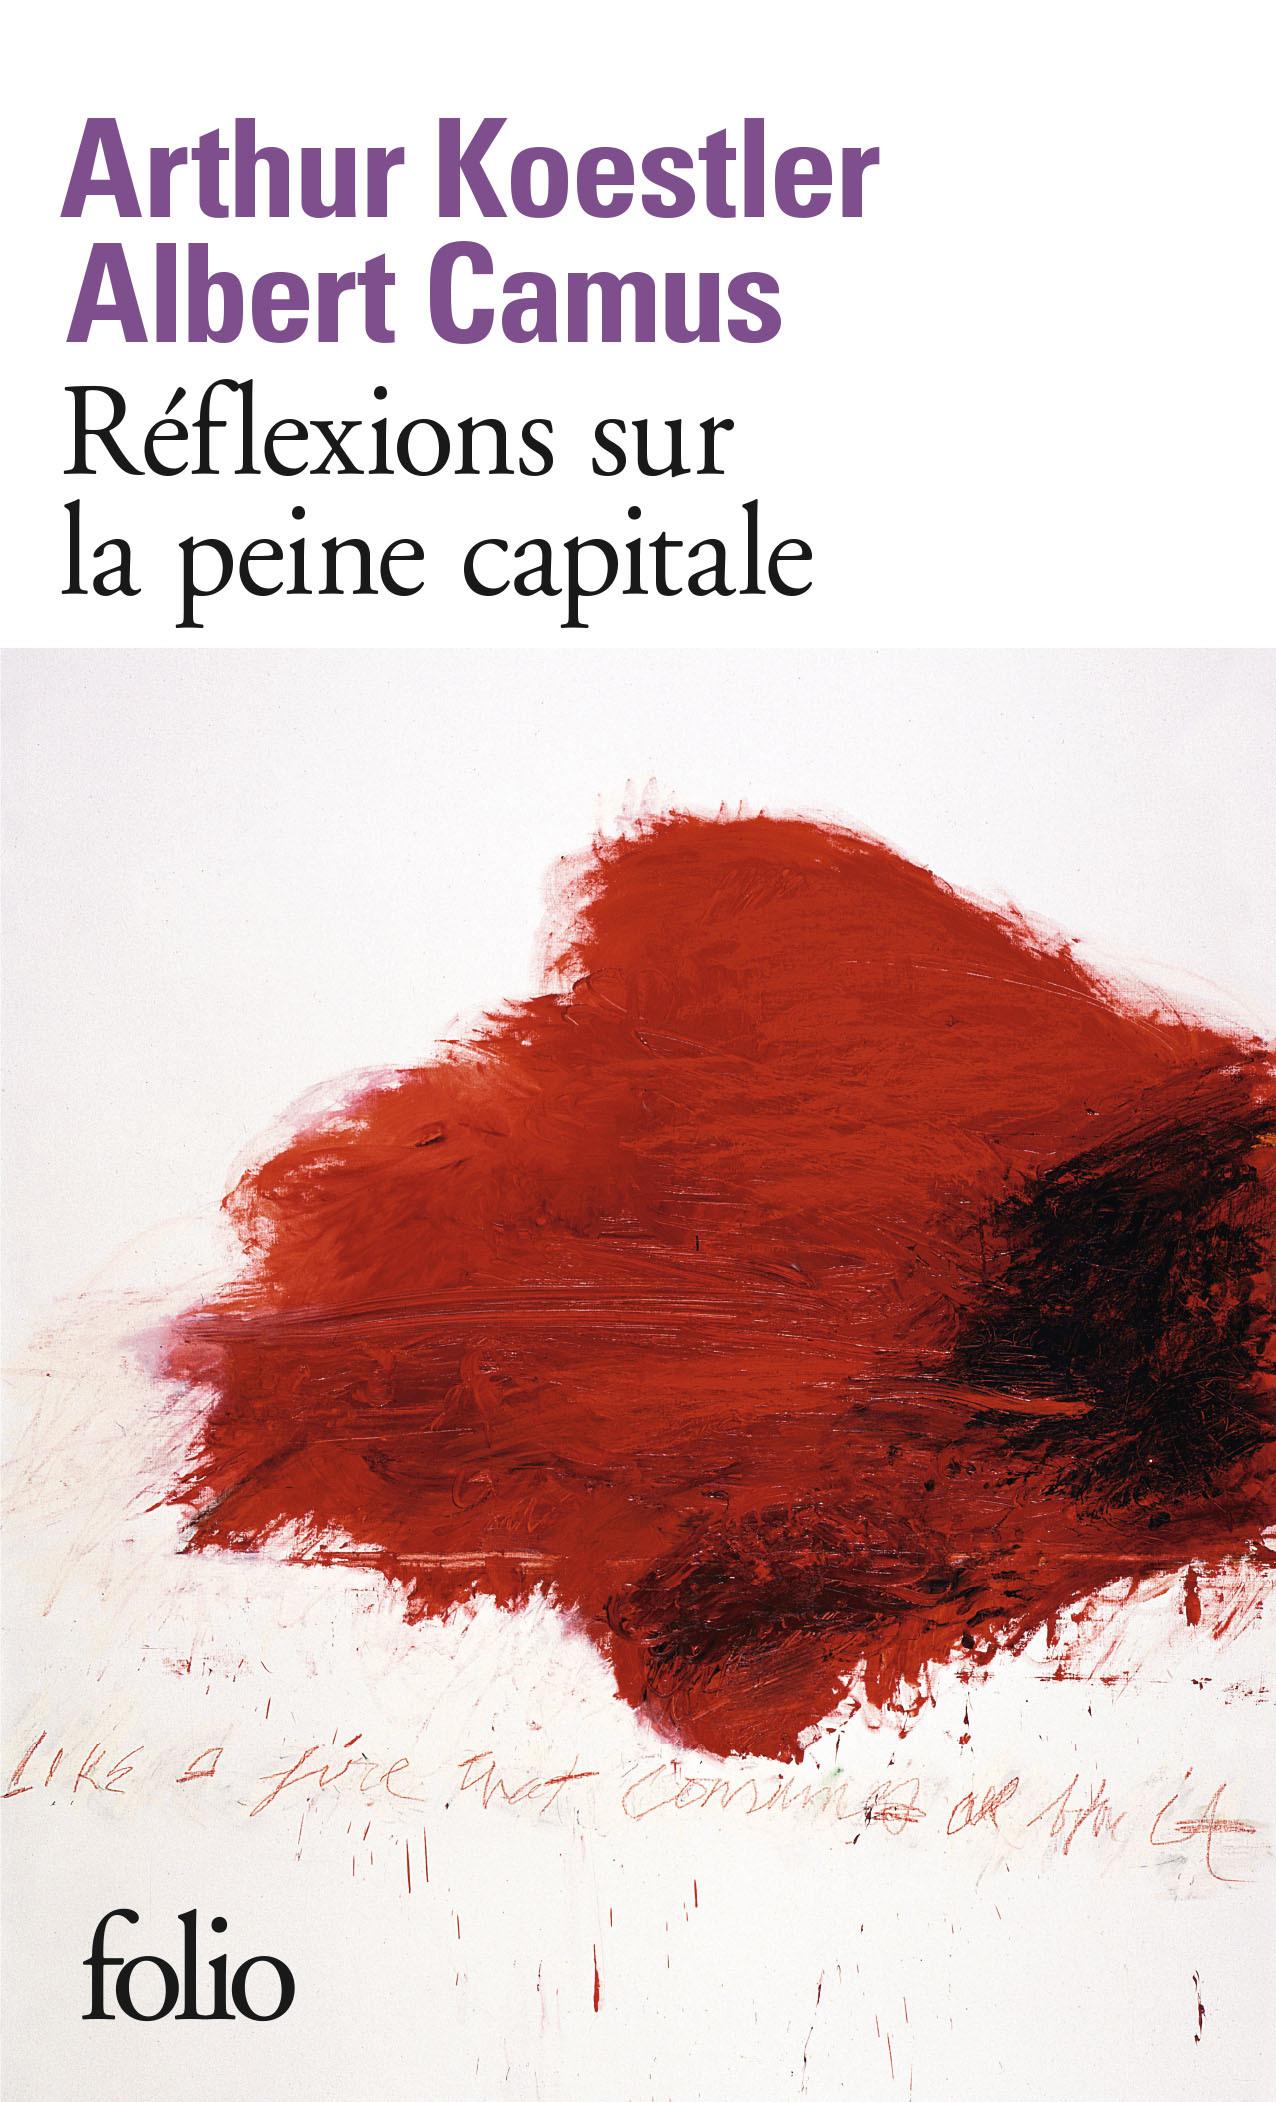 REFLEXIONS SUR LA PEINE CAPITALE